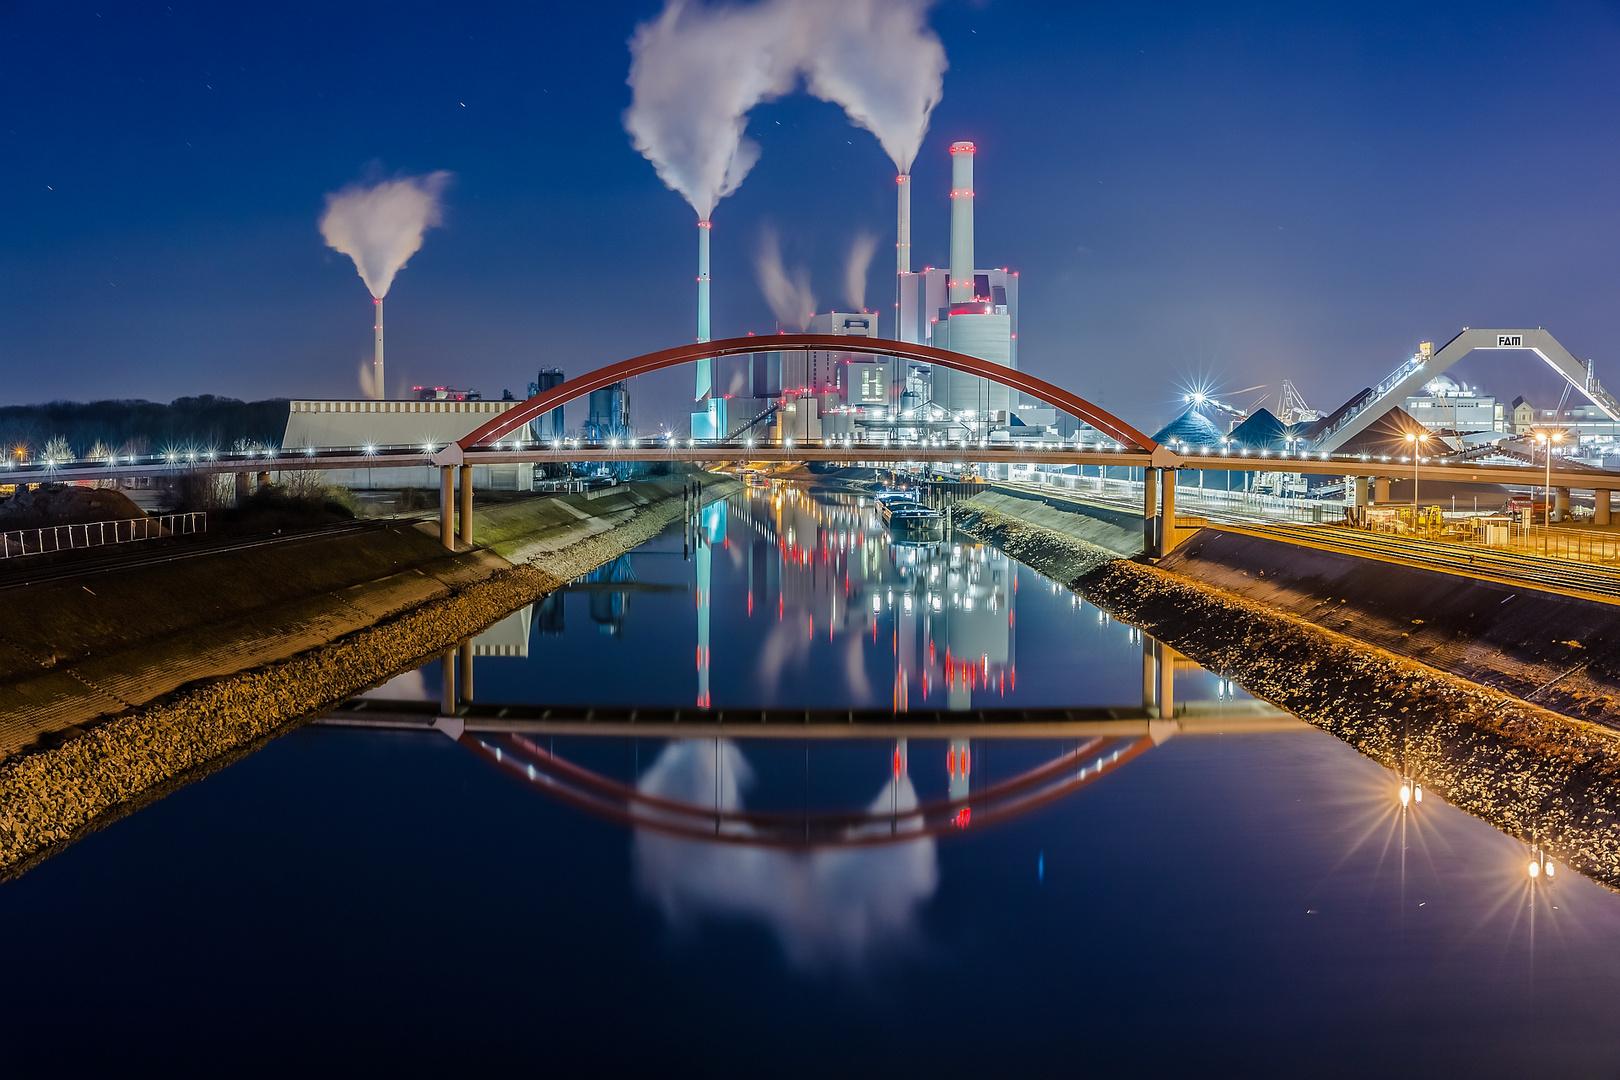 Großkraftwerk Mannheim in kalter Winternacht